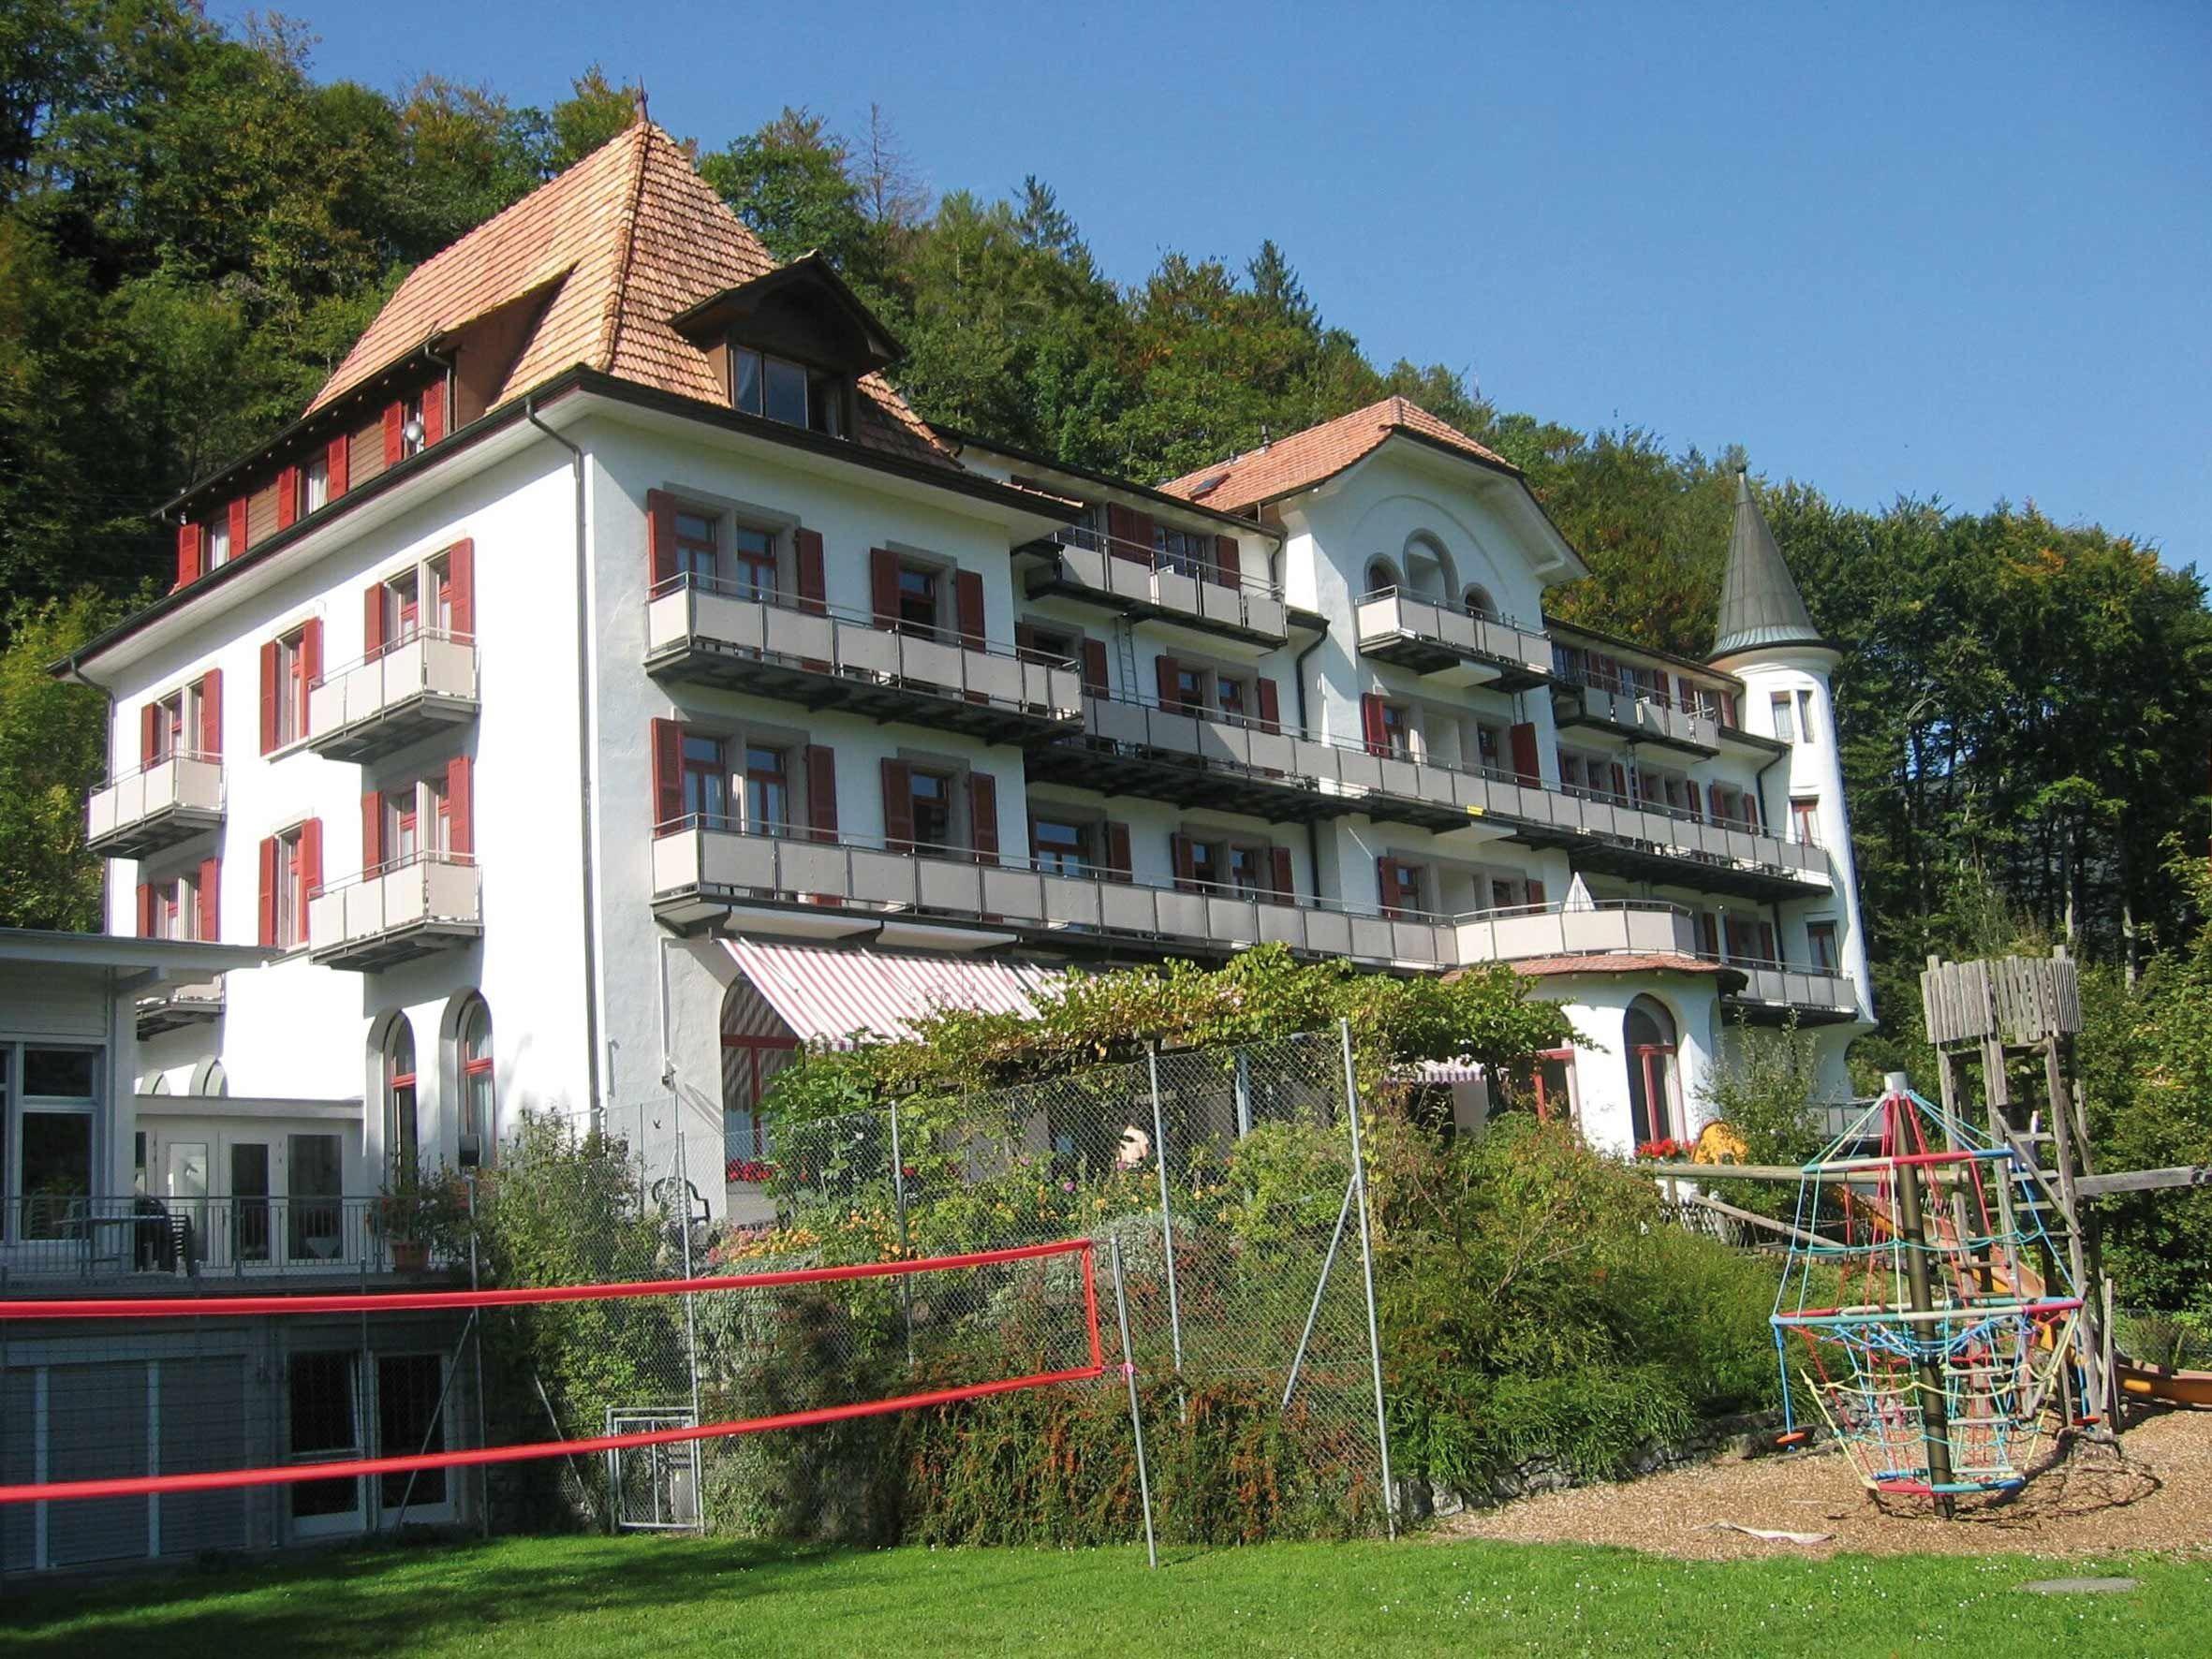 Credo Schloss Unspunnen, Garten, Wilderswil bei Interlaken, Berner Oberland, Suisse, Schweiz, Switzerland. www.vch.ch/credo/